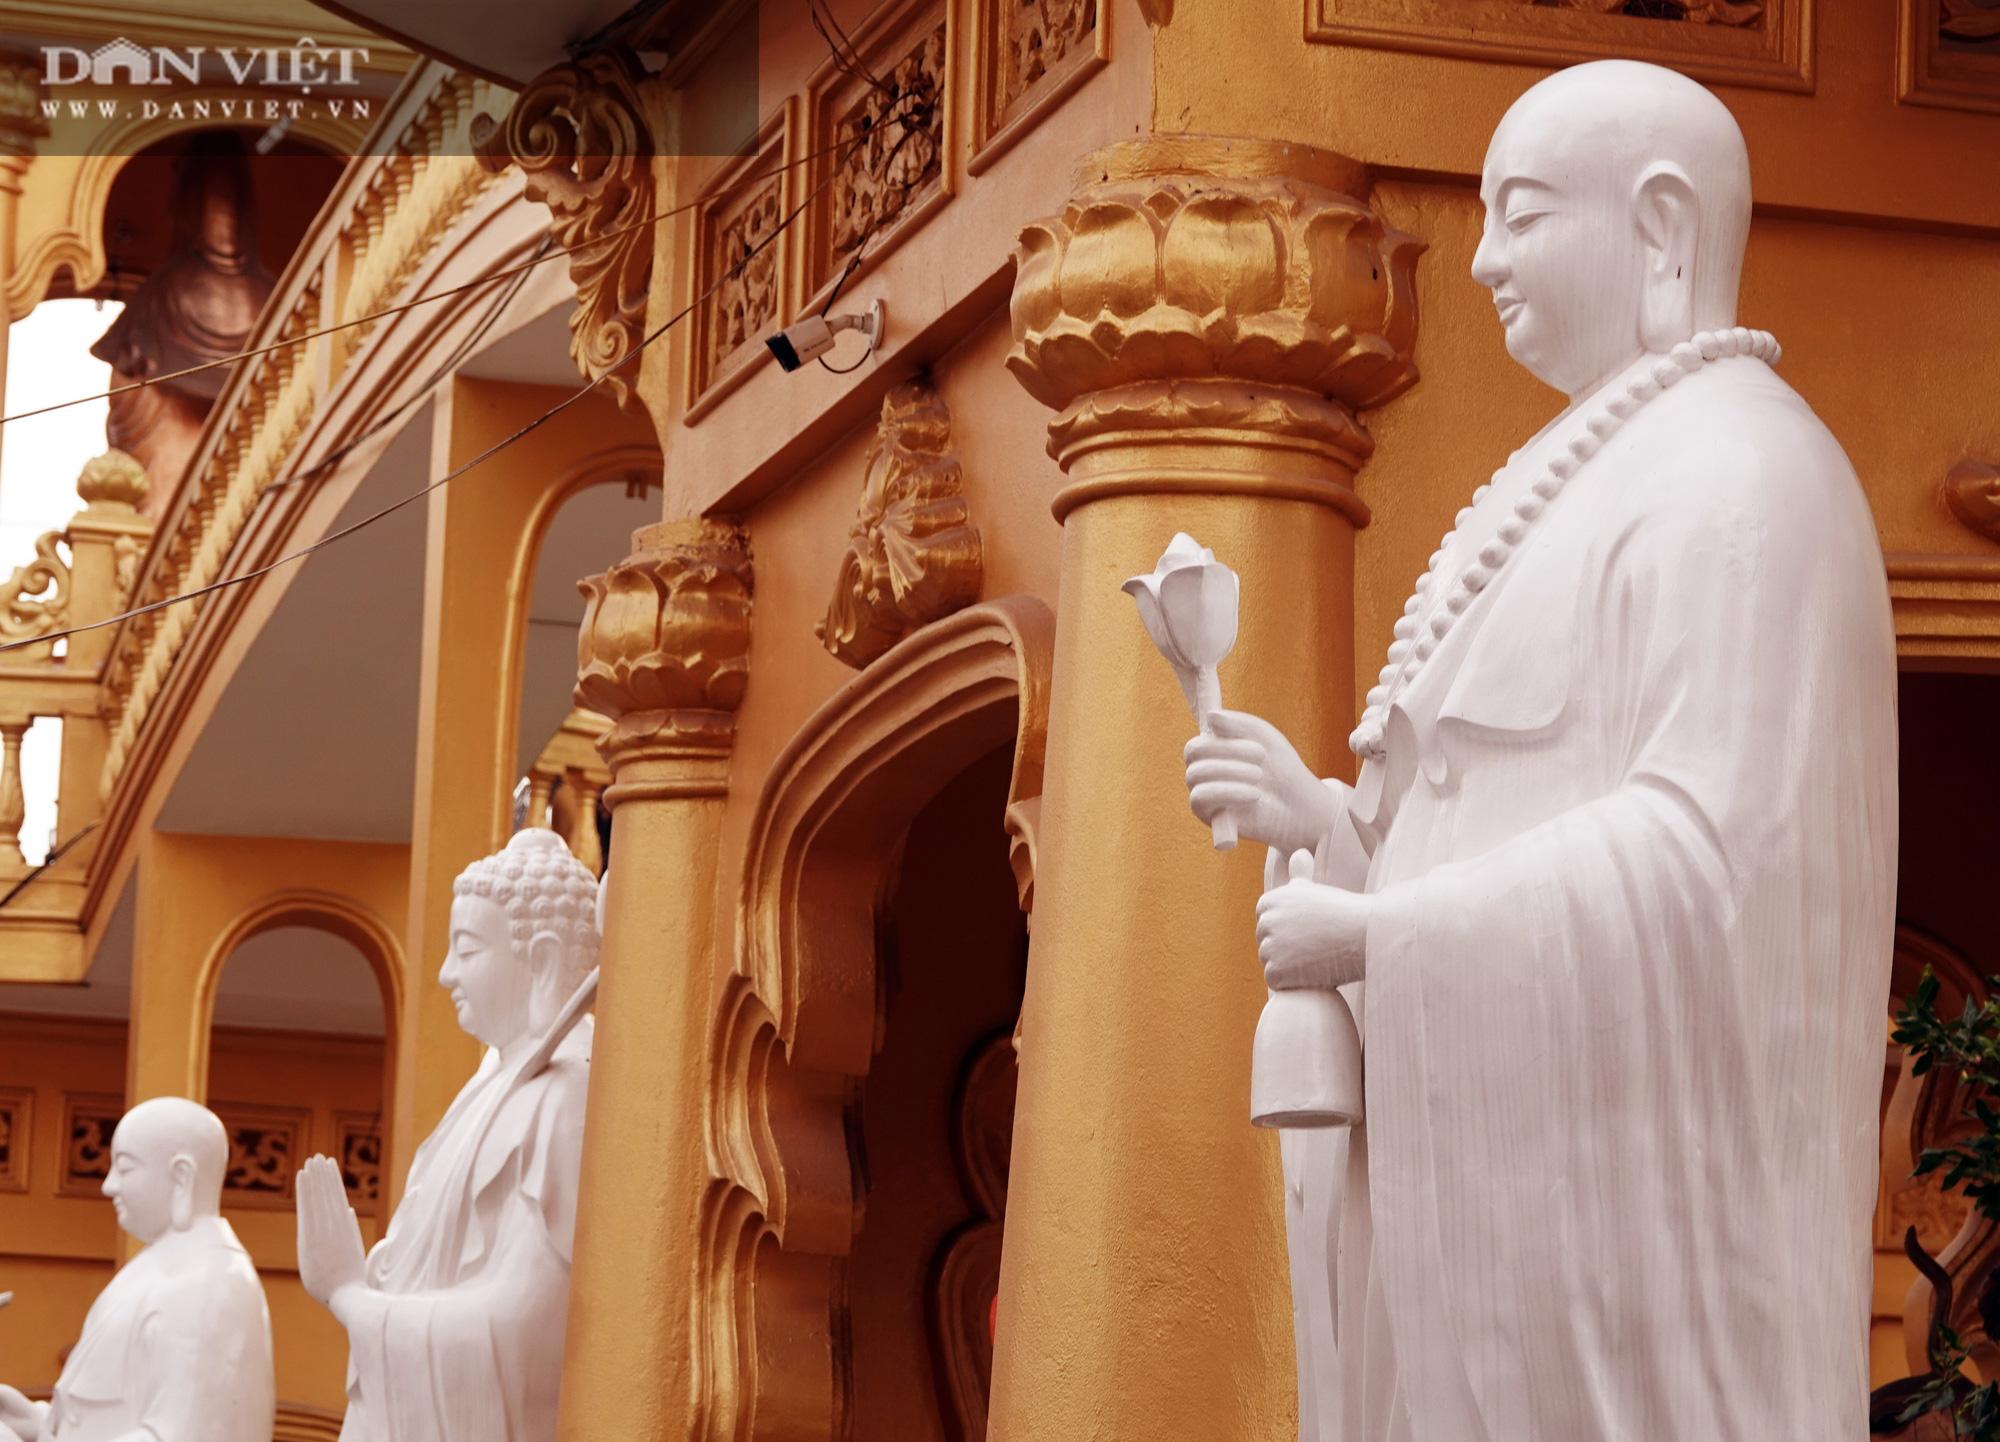 Ngôi chùa ở Cù Lao Giêng với quần thể tượng Phật đạt kỷ lục Việt Nam có gì đặc biệt? - Ảnh 6.